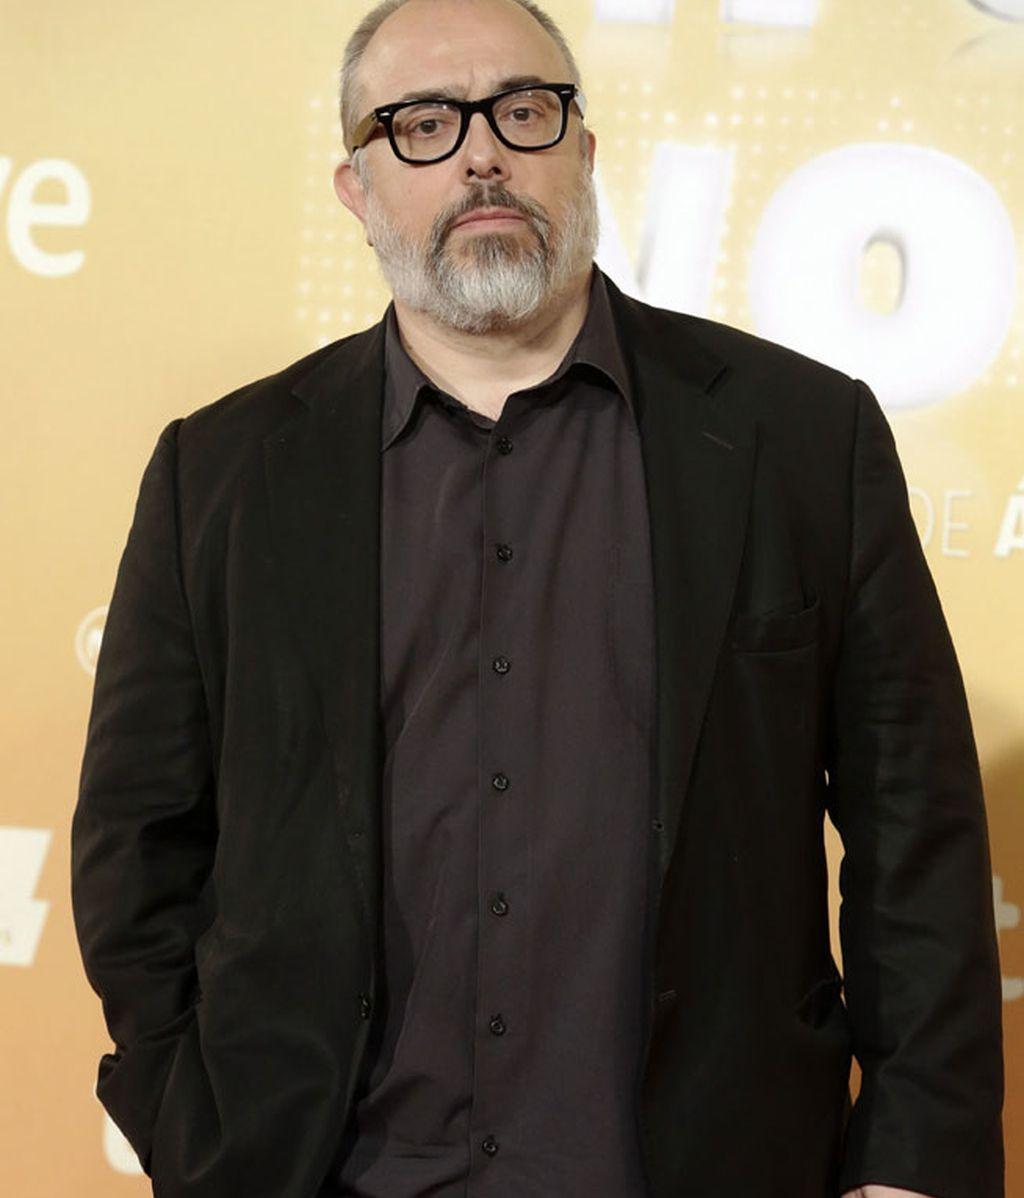 El director de la película, Alex de la Iglesia